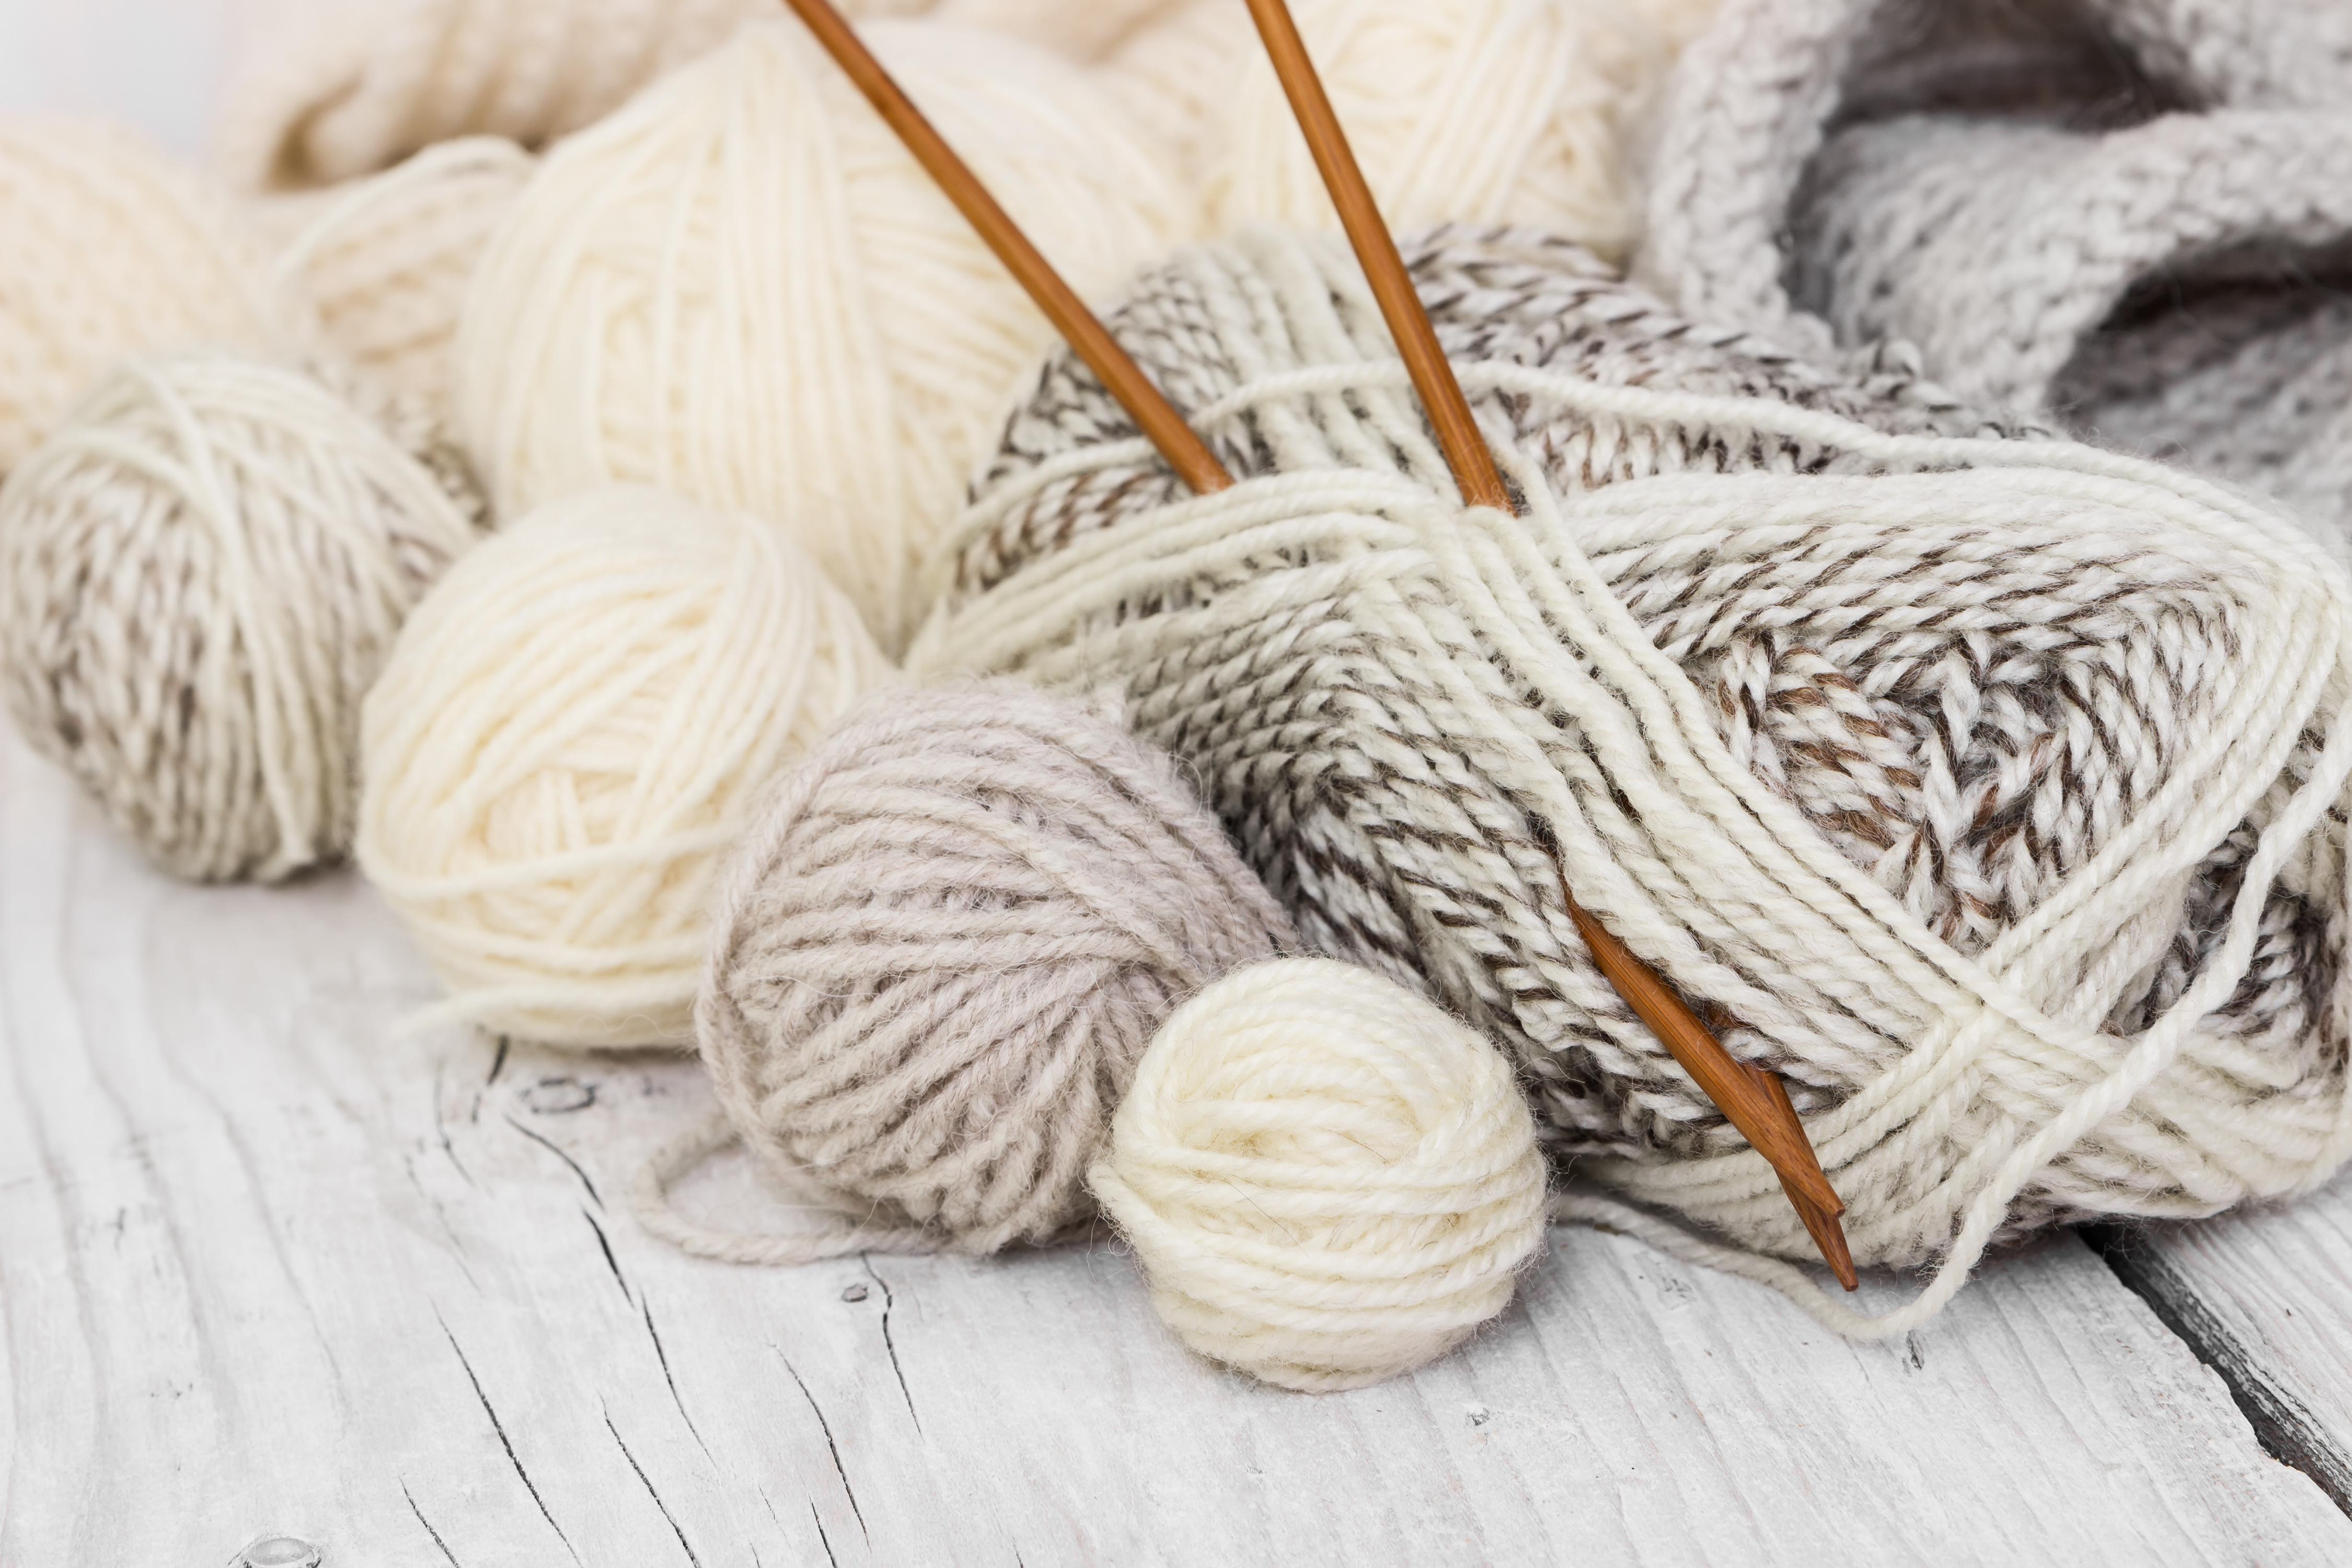 Kreativní záliby jako pletení a pečení prospívají duševnímu zdraví